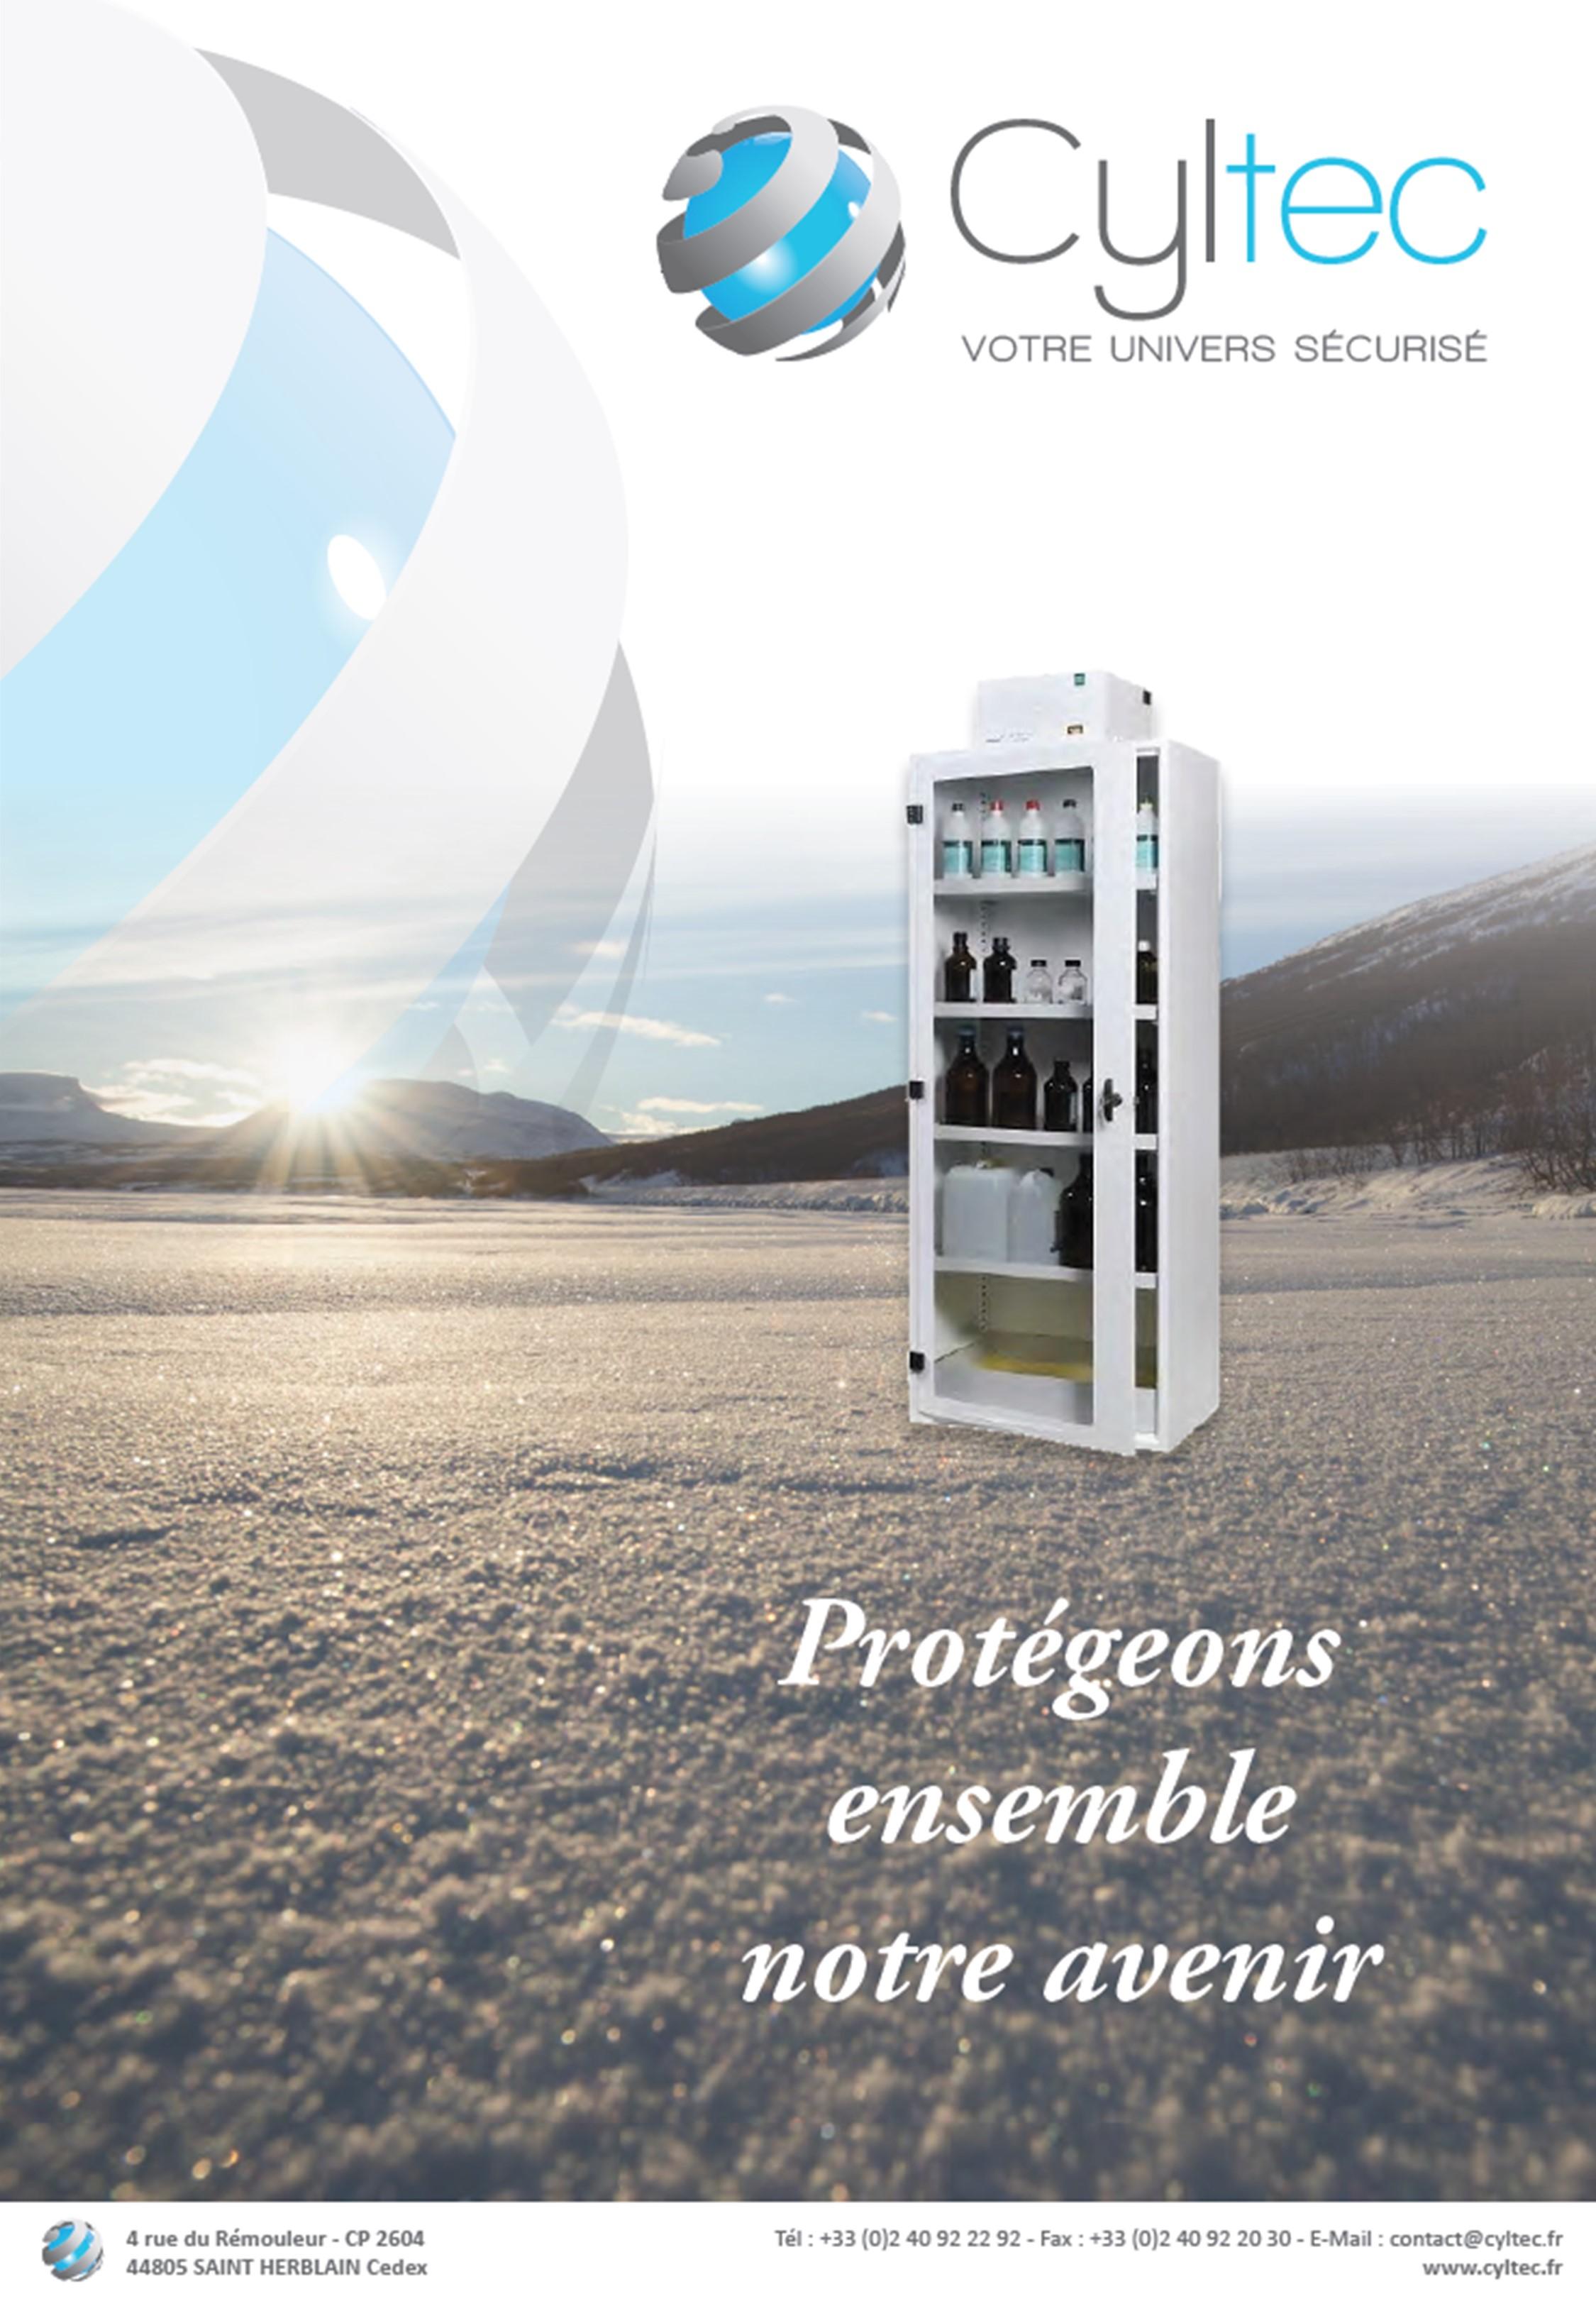 Catalogue Cyltec - Armoires de Sureté et de Sécurité conformes à la norme EN 14470-1